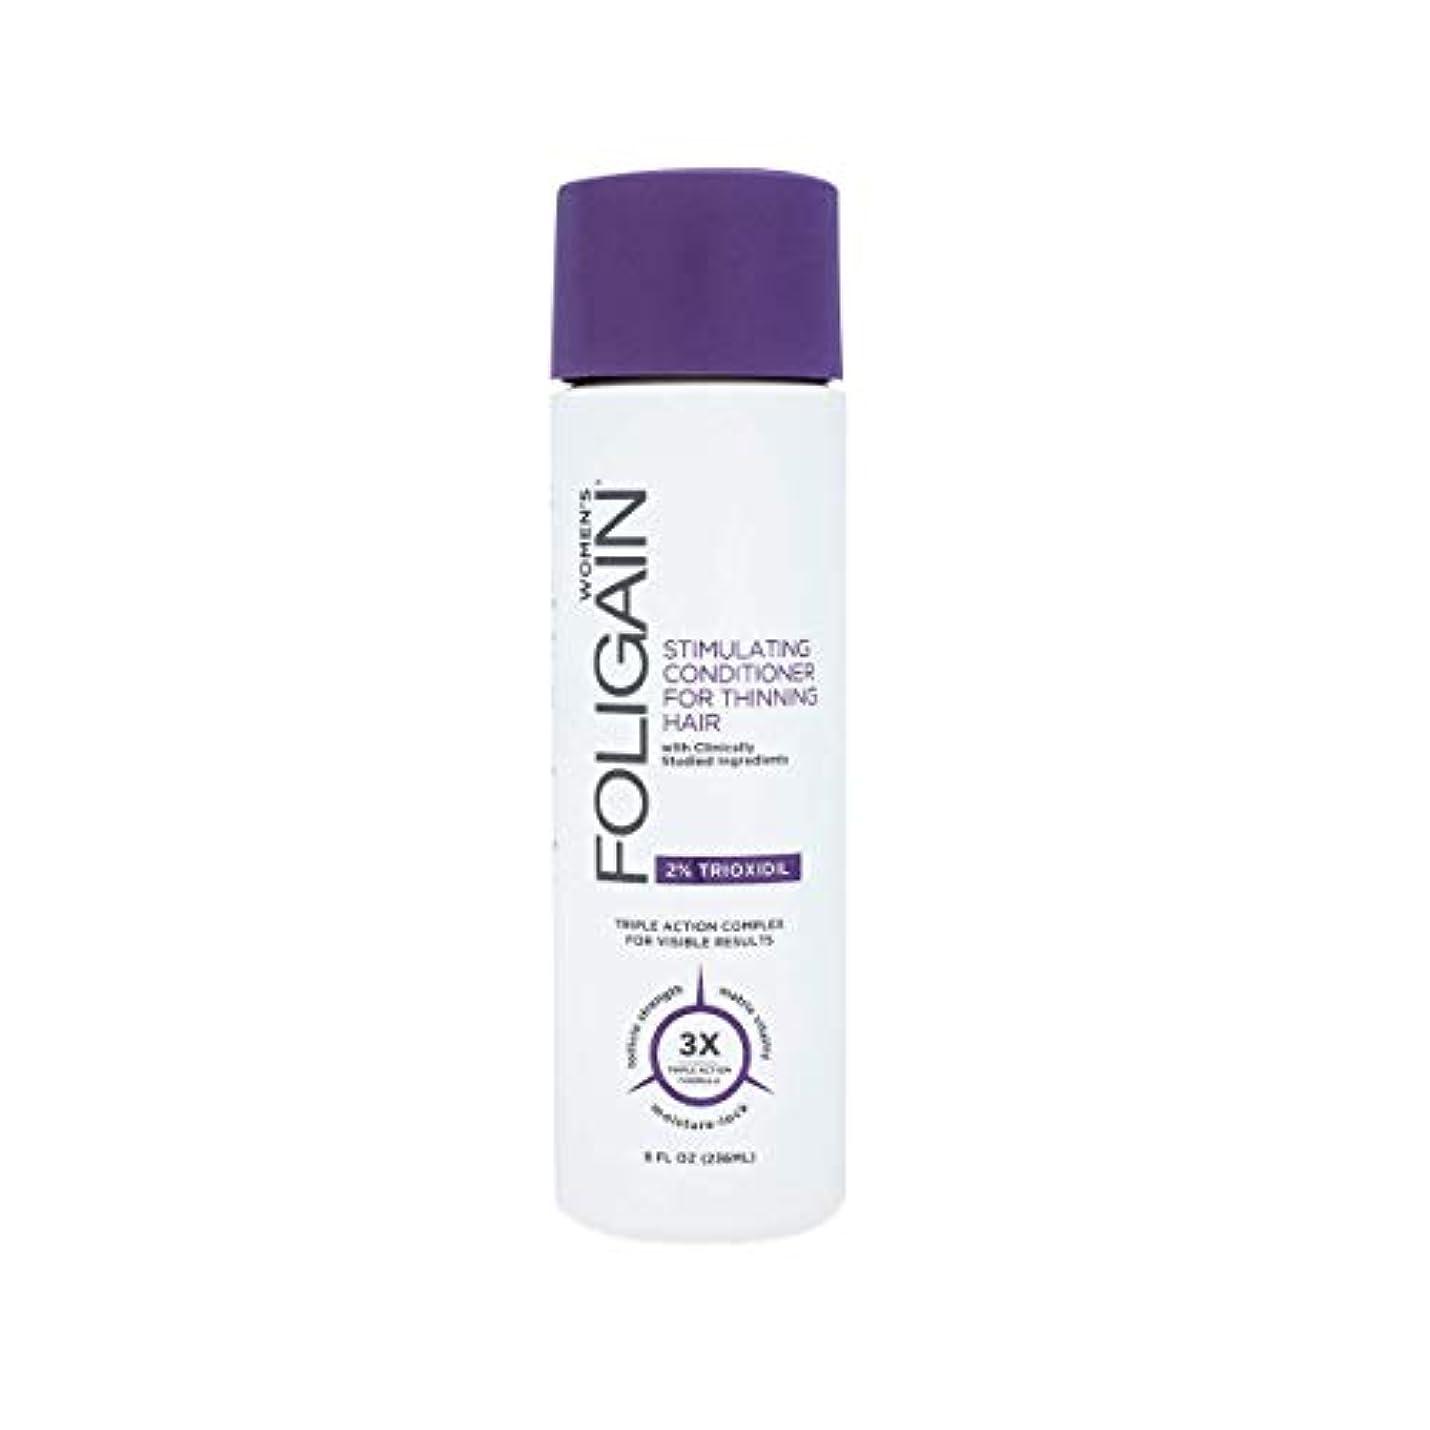 移植インゲン素子フォリゲイン2%トリオキシジルシンニングヘアコンディショナー236ml / 8オンス